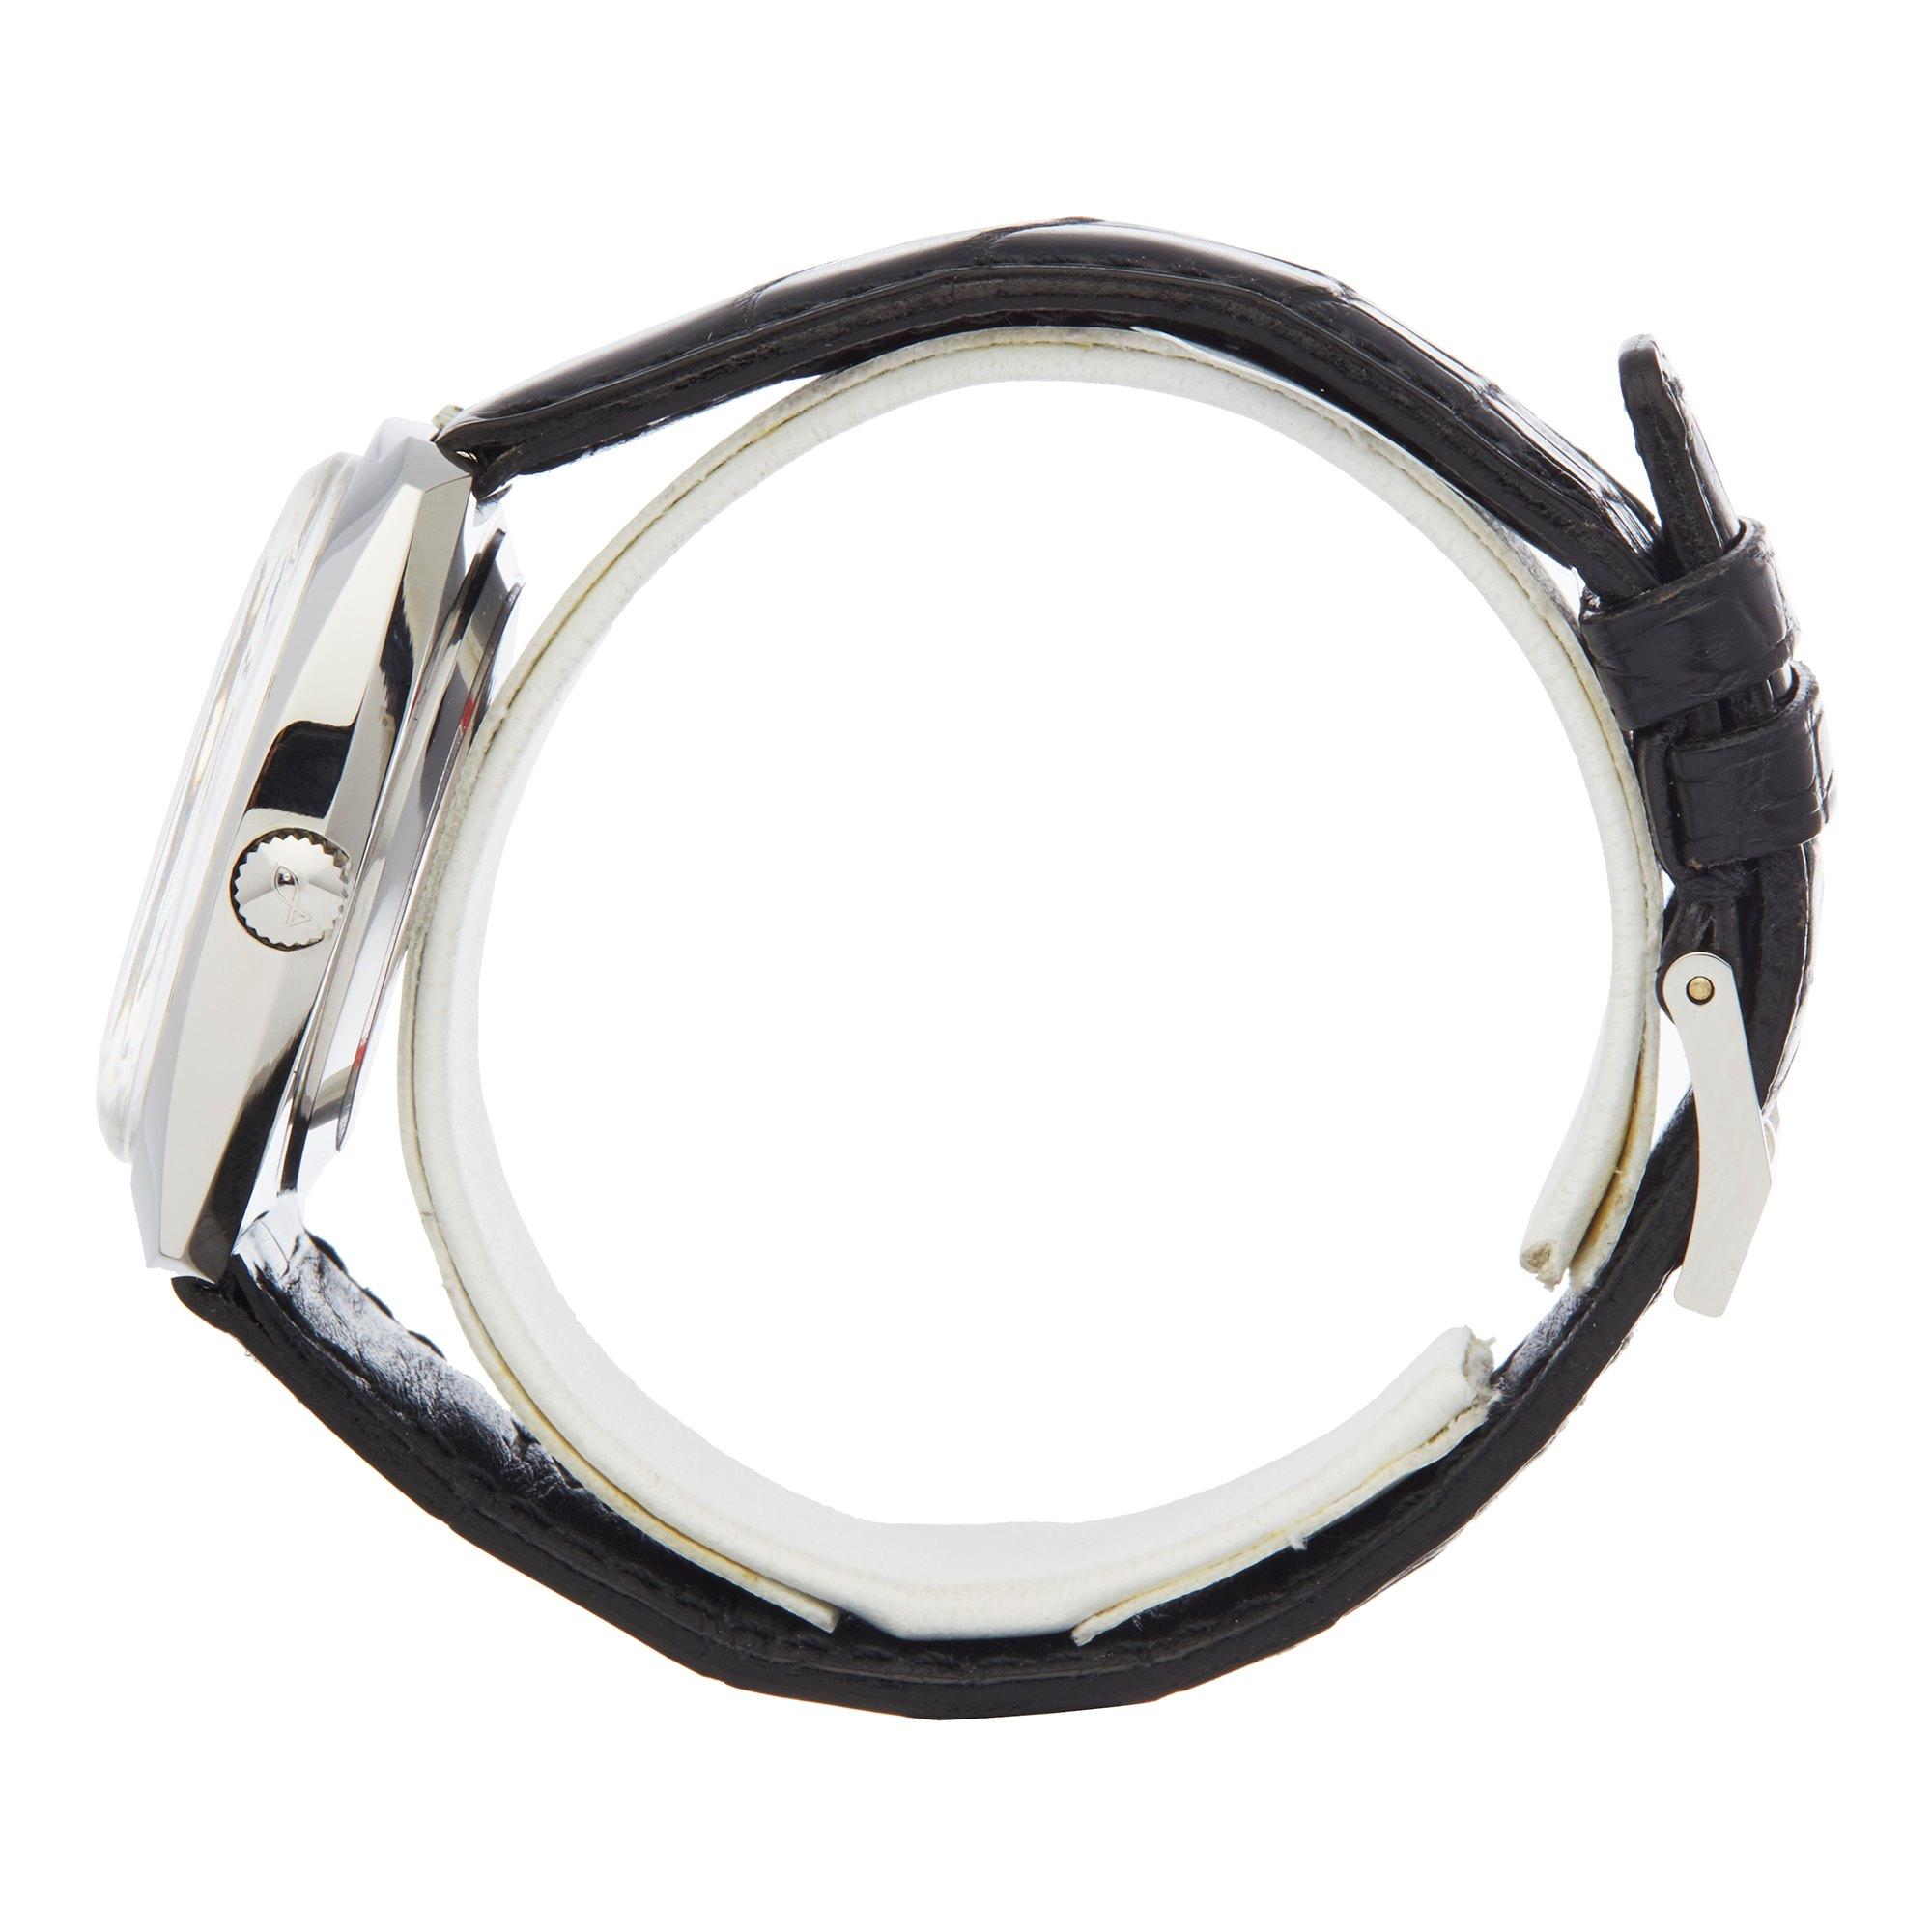 IWC Vintage C.8541B 5 Adjust Stainless Steel 8541B